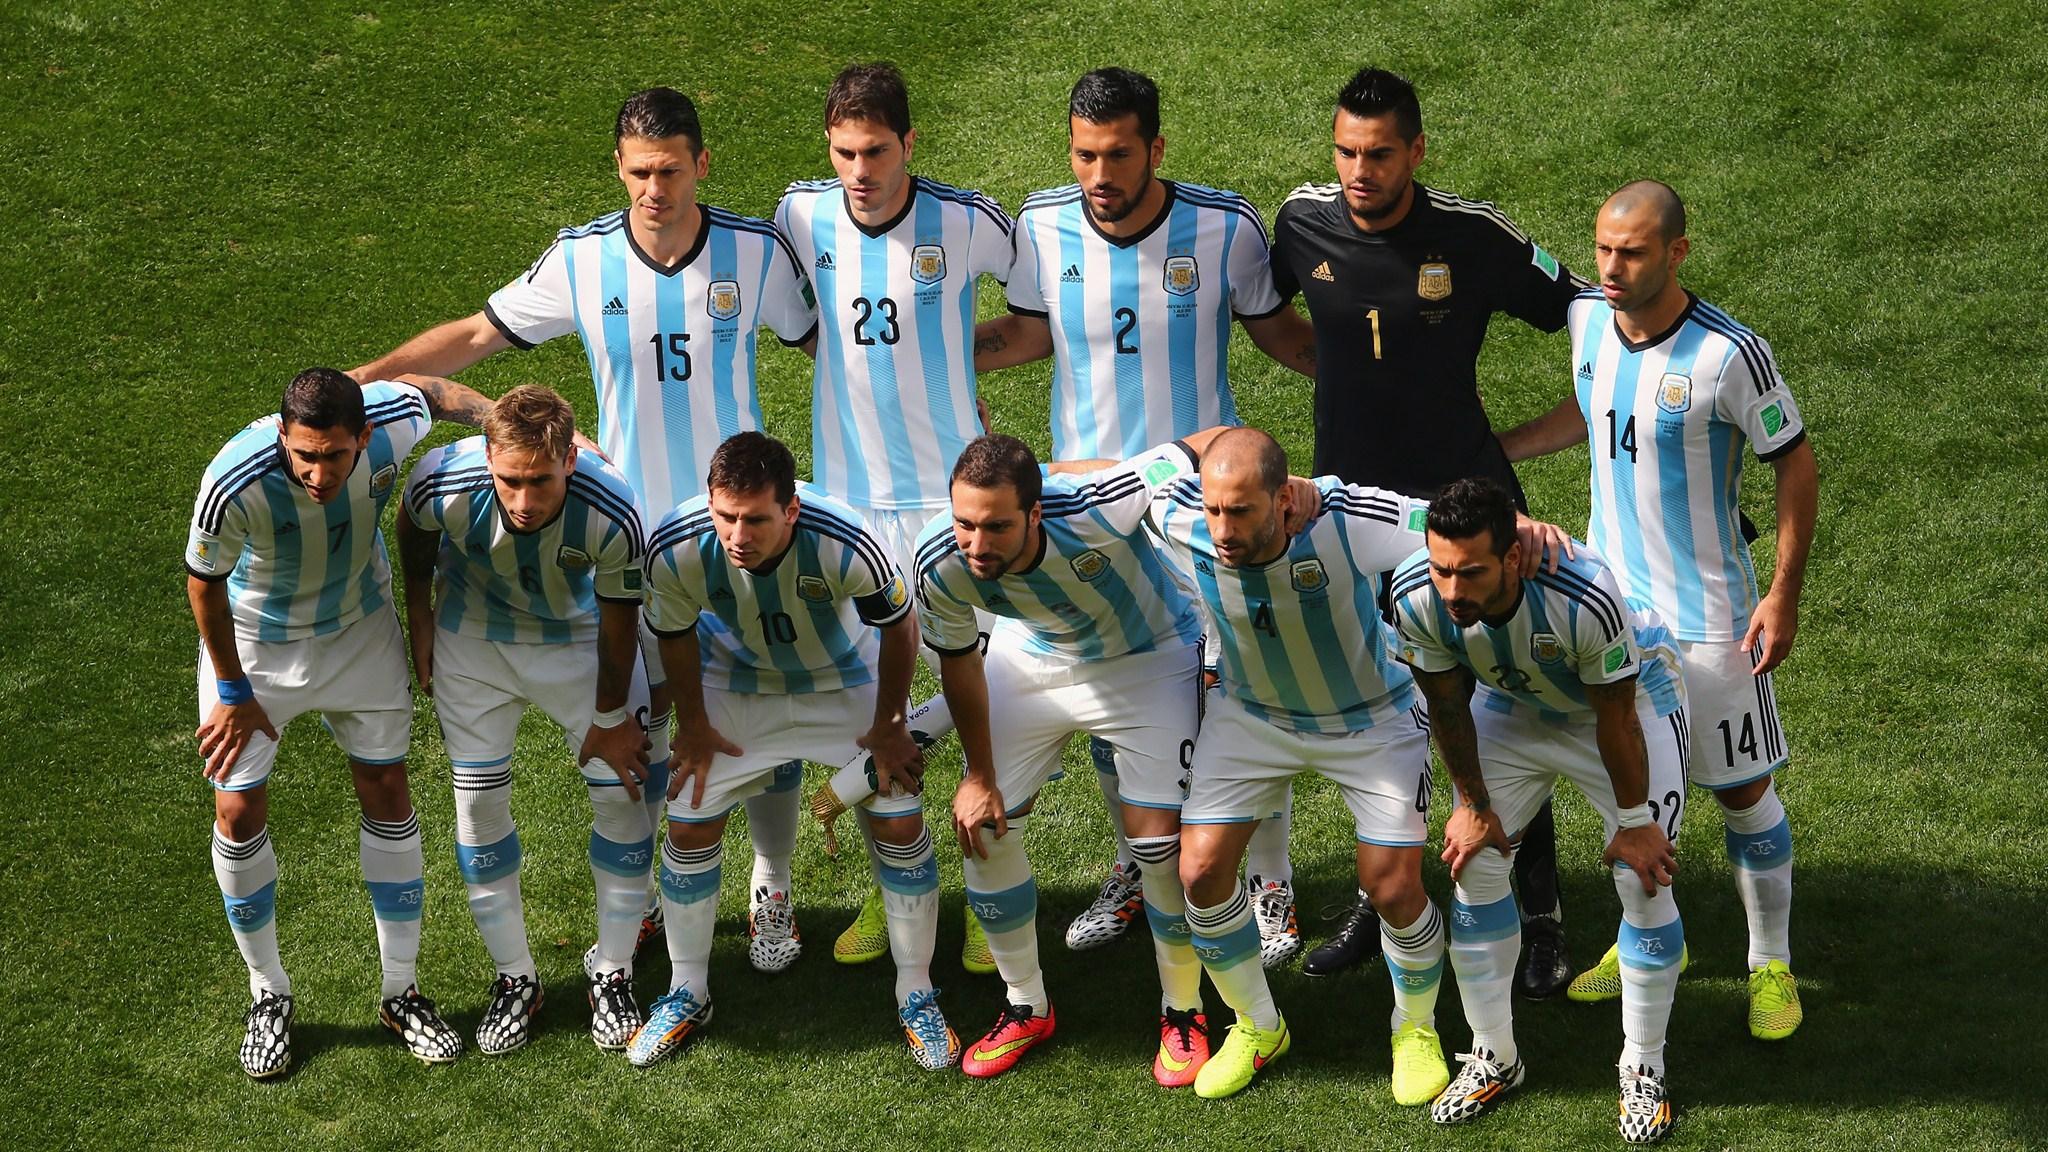 реальное существование аргентина чемпионат название клубов с картинками военные провокации